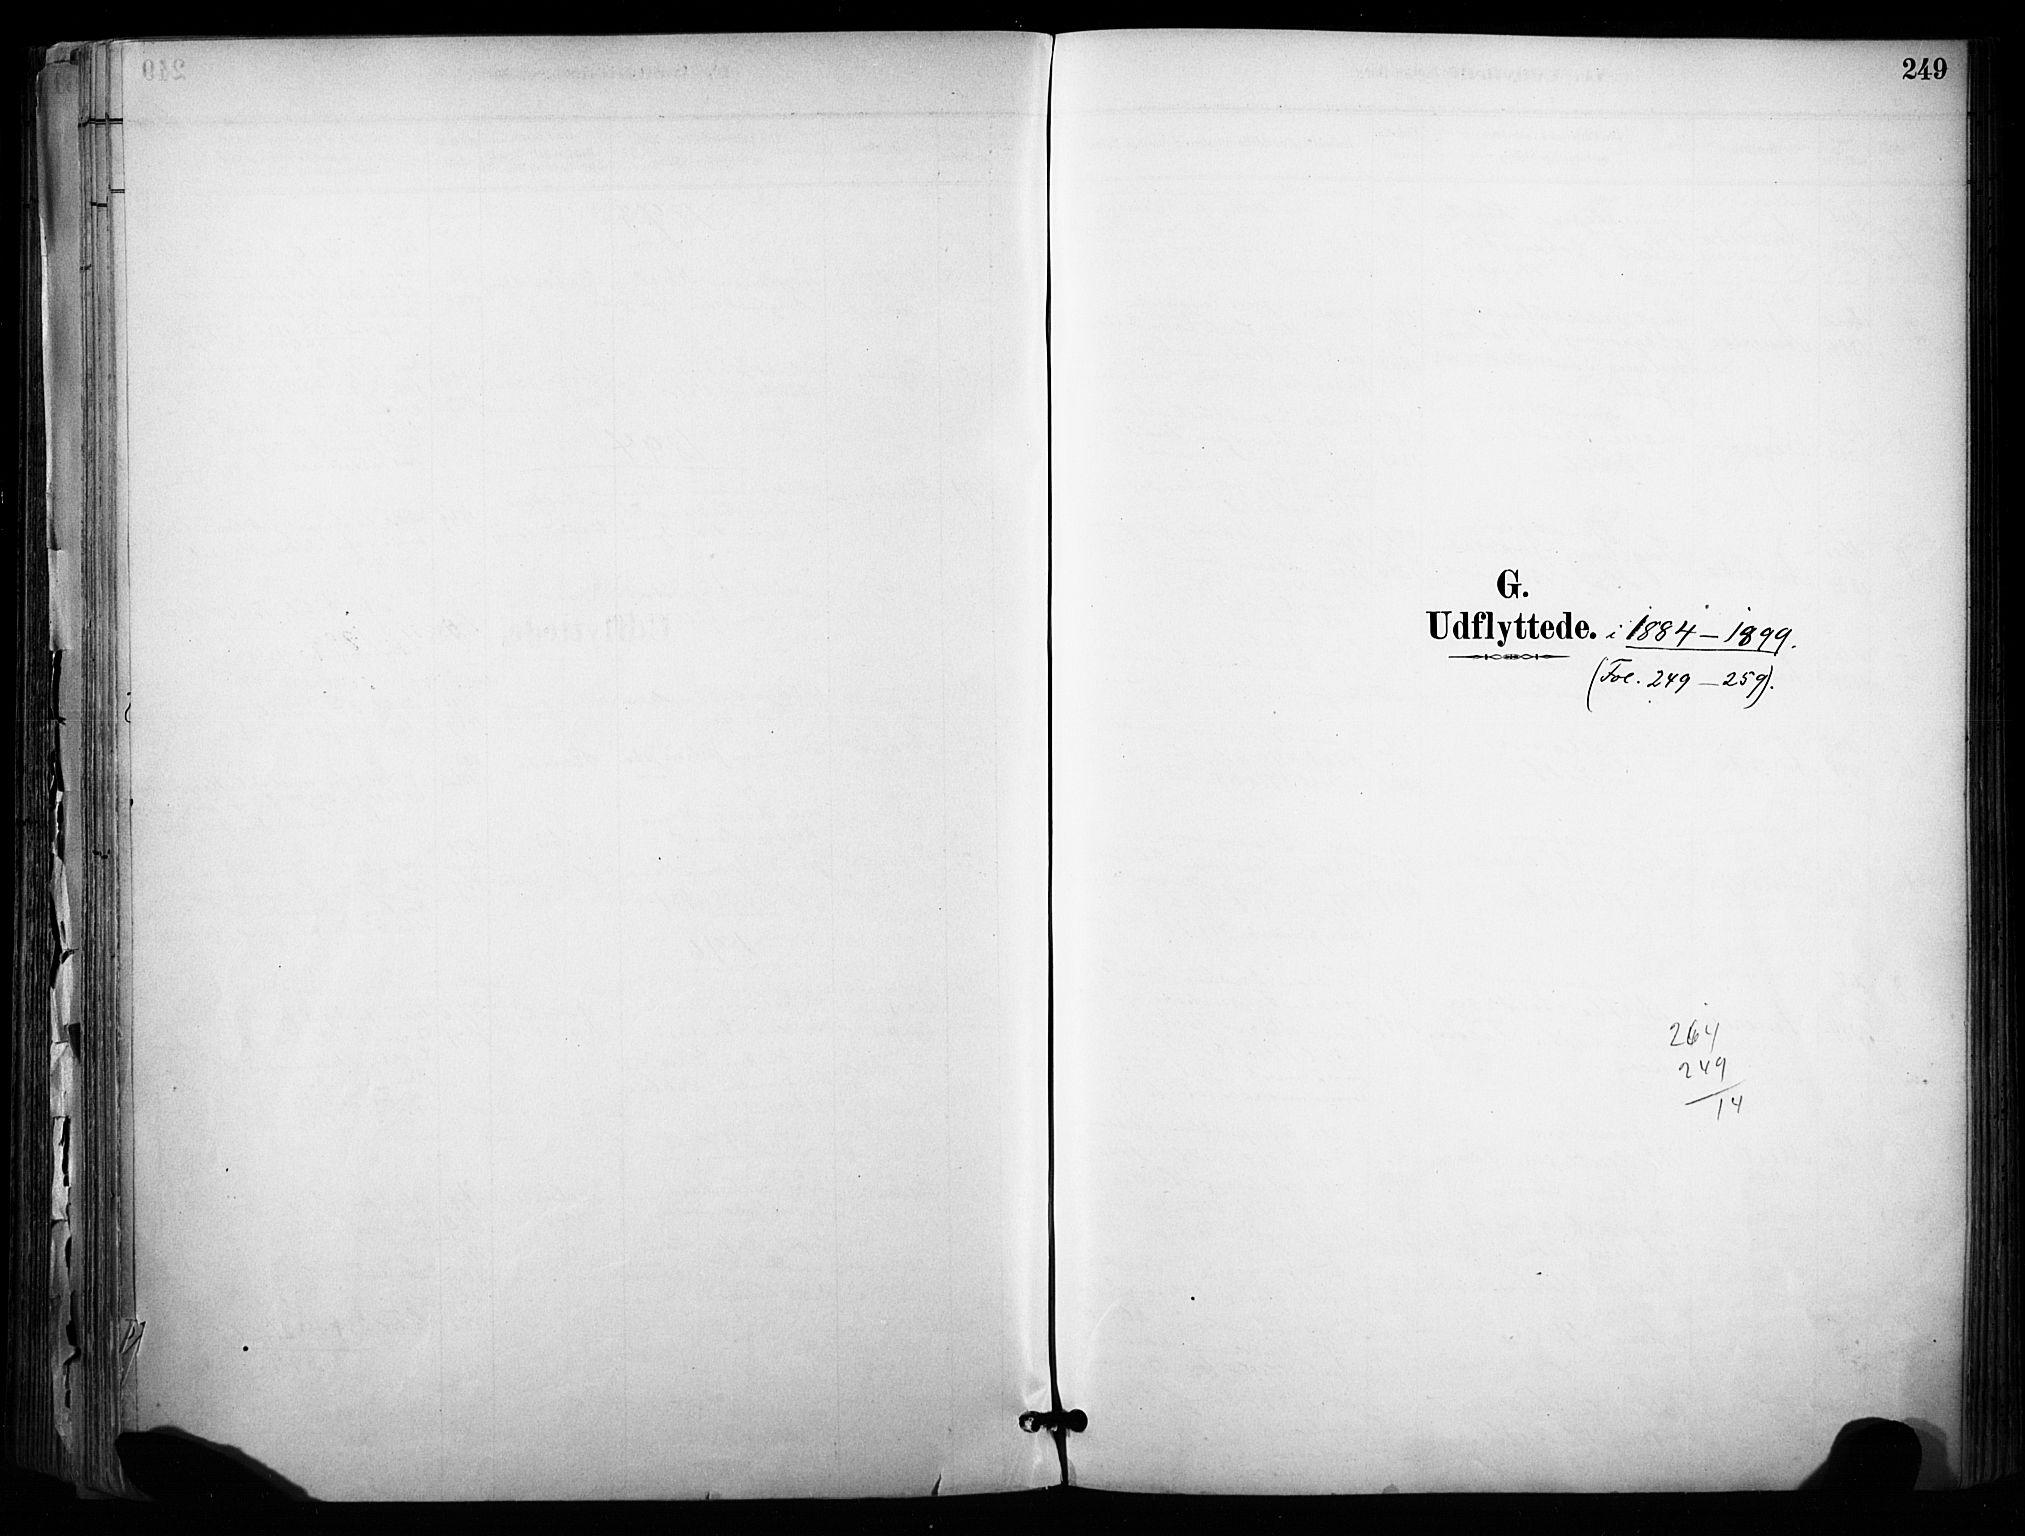 SAKO, Sannidal kirkebøker, F/Fa/L0015: Ministerialbok nr. 15, 1884-1899, s. 249